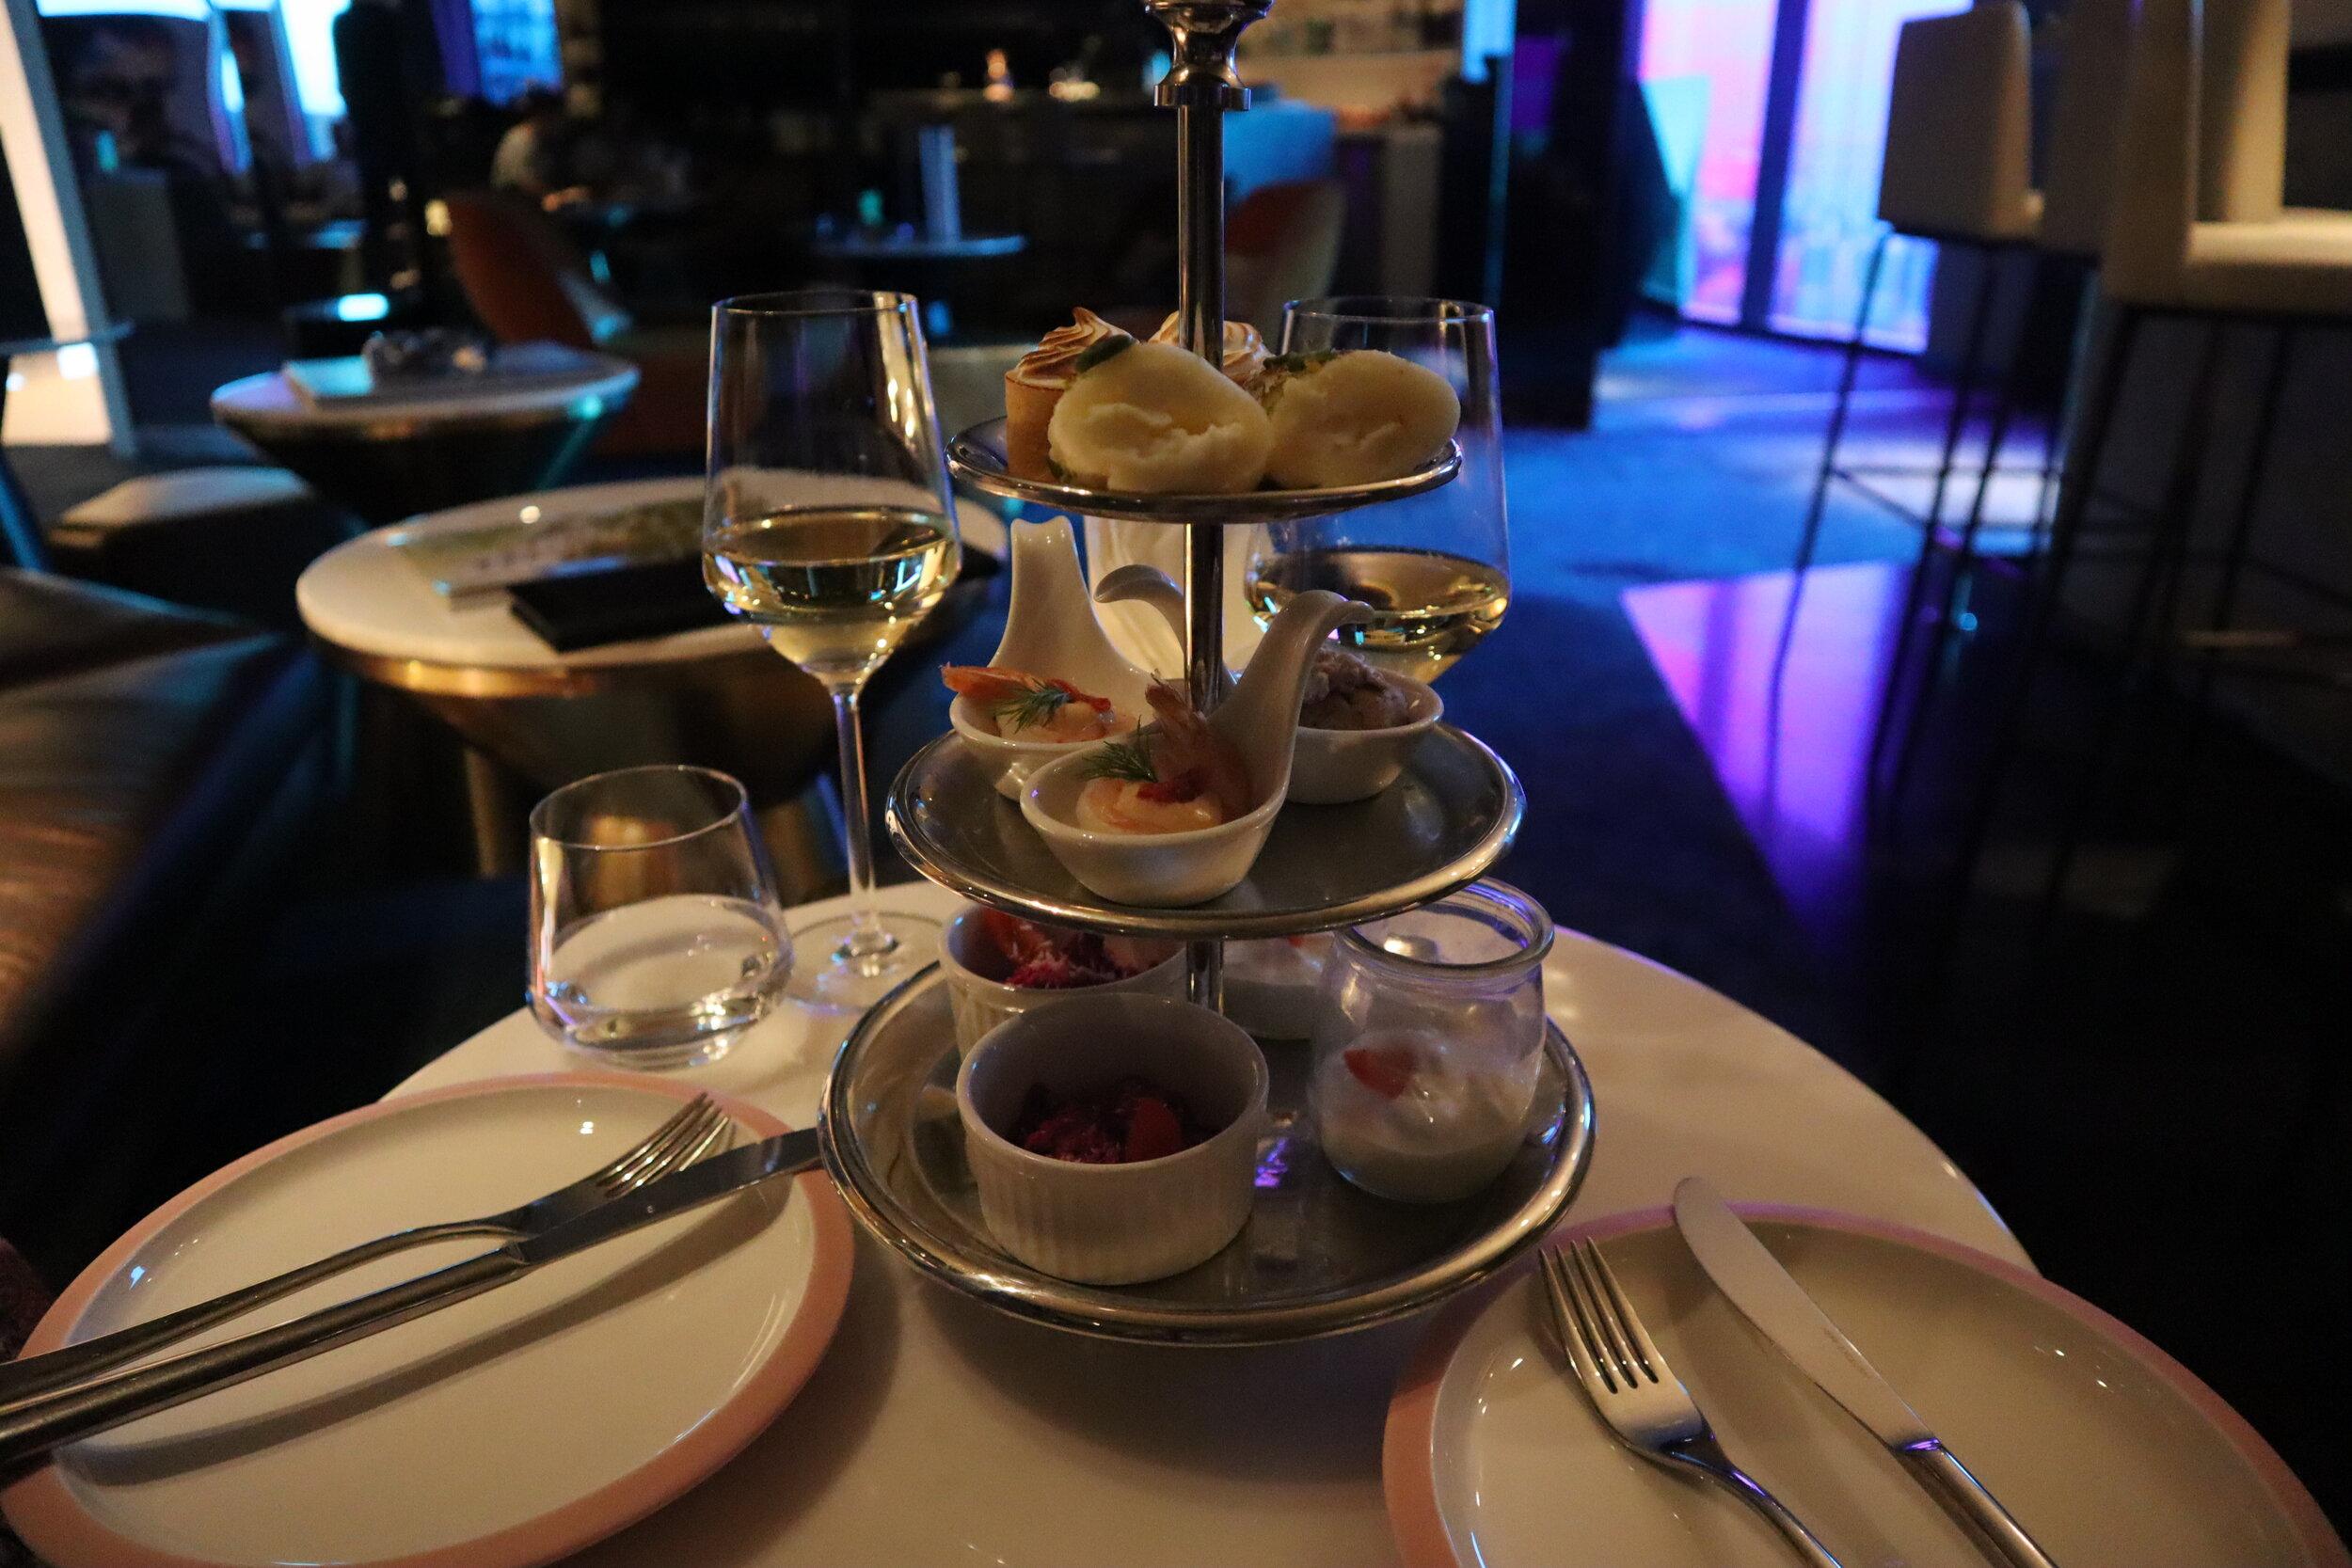 W Amman – Happy Hour meze platter